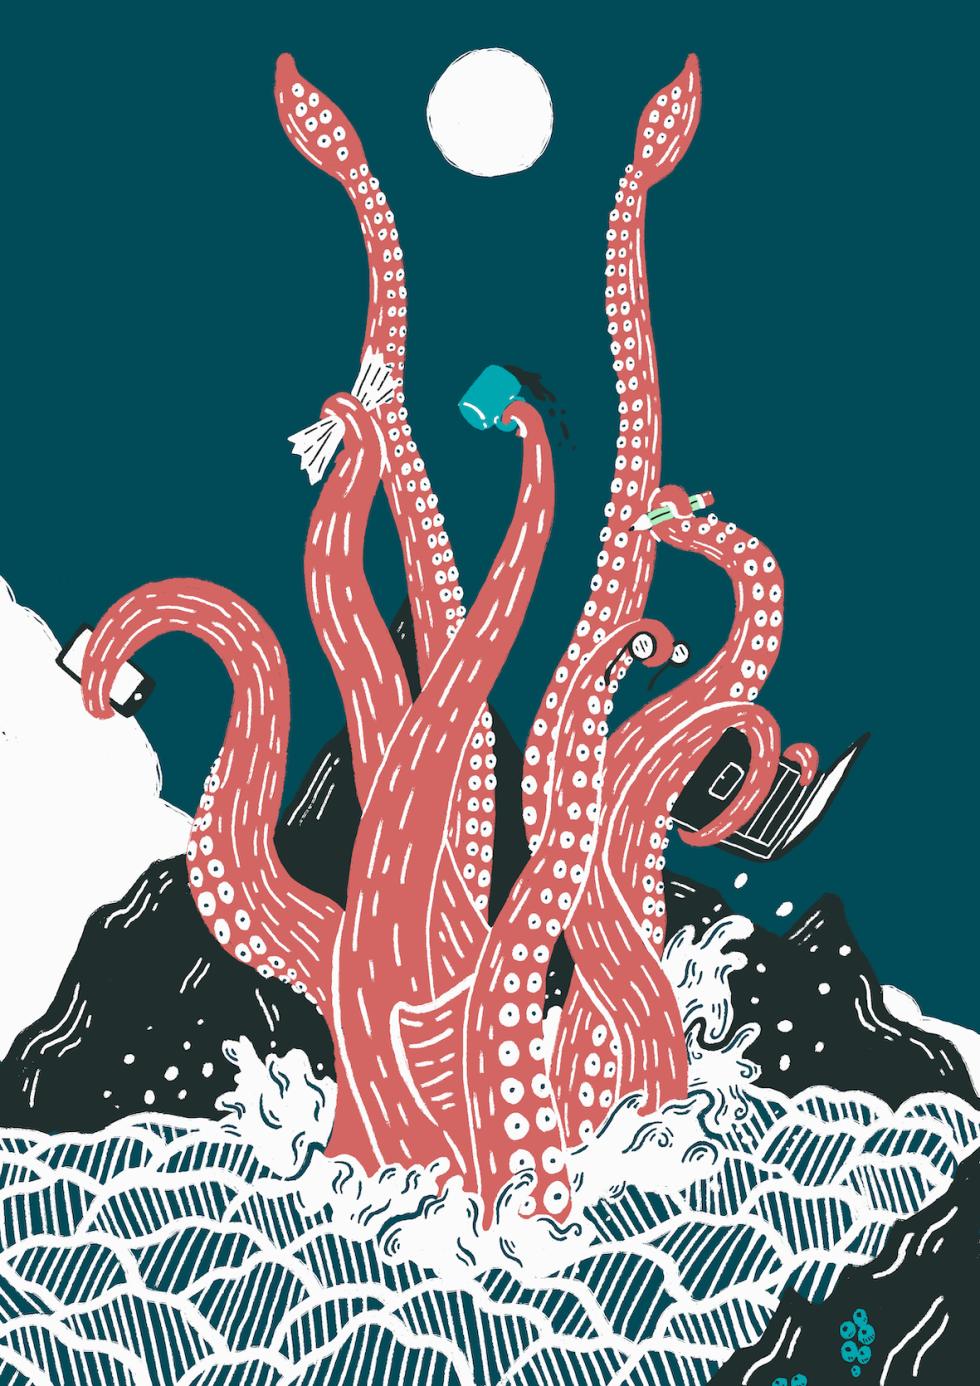 Multitasking Kraken by Daniel Nelson